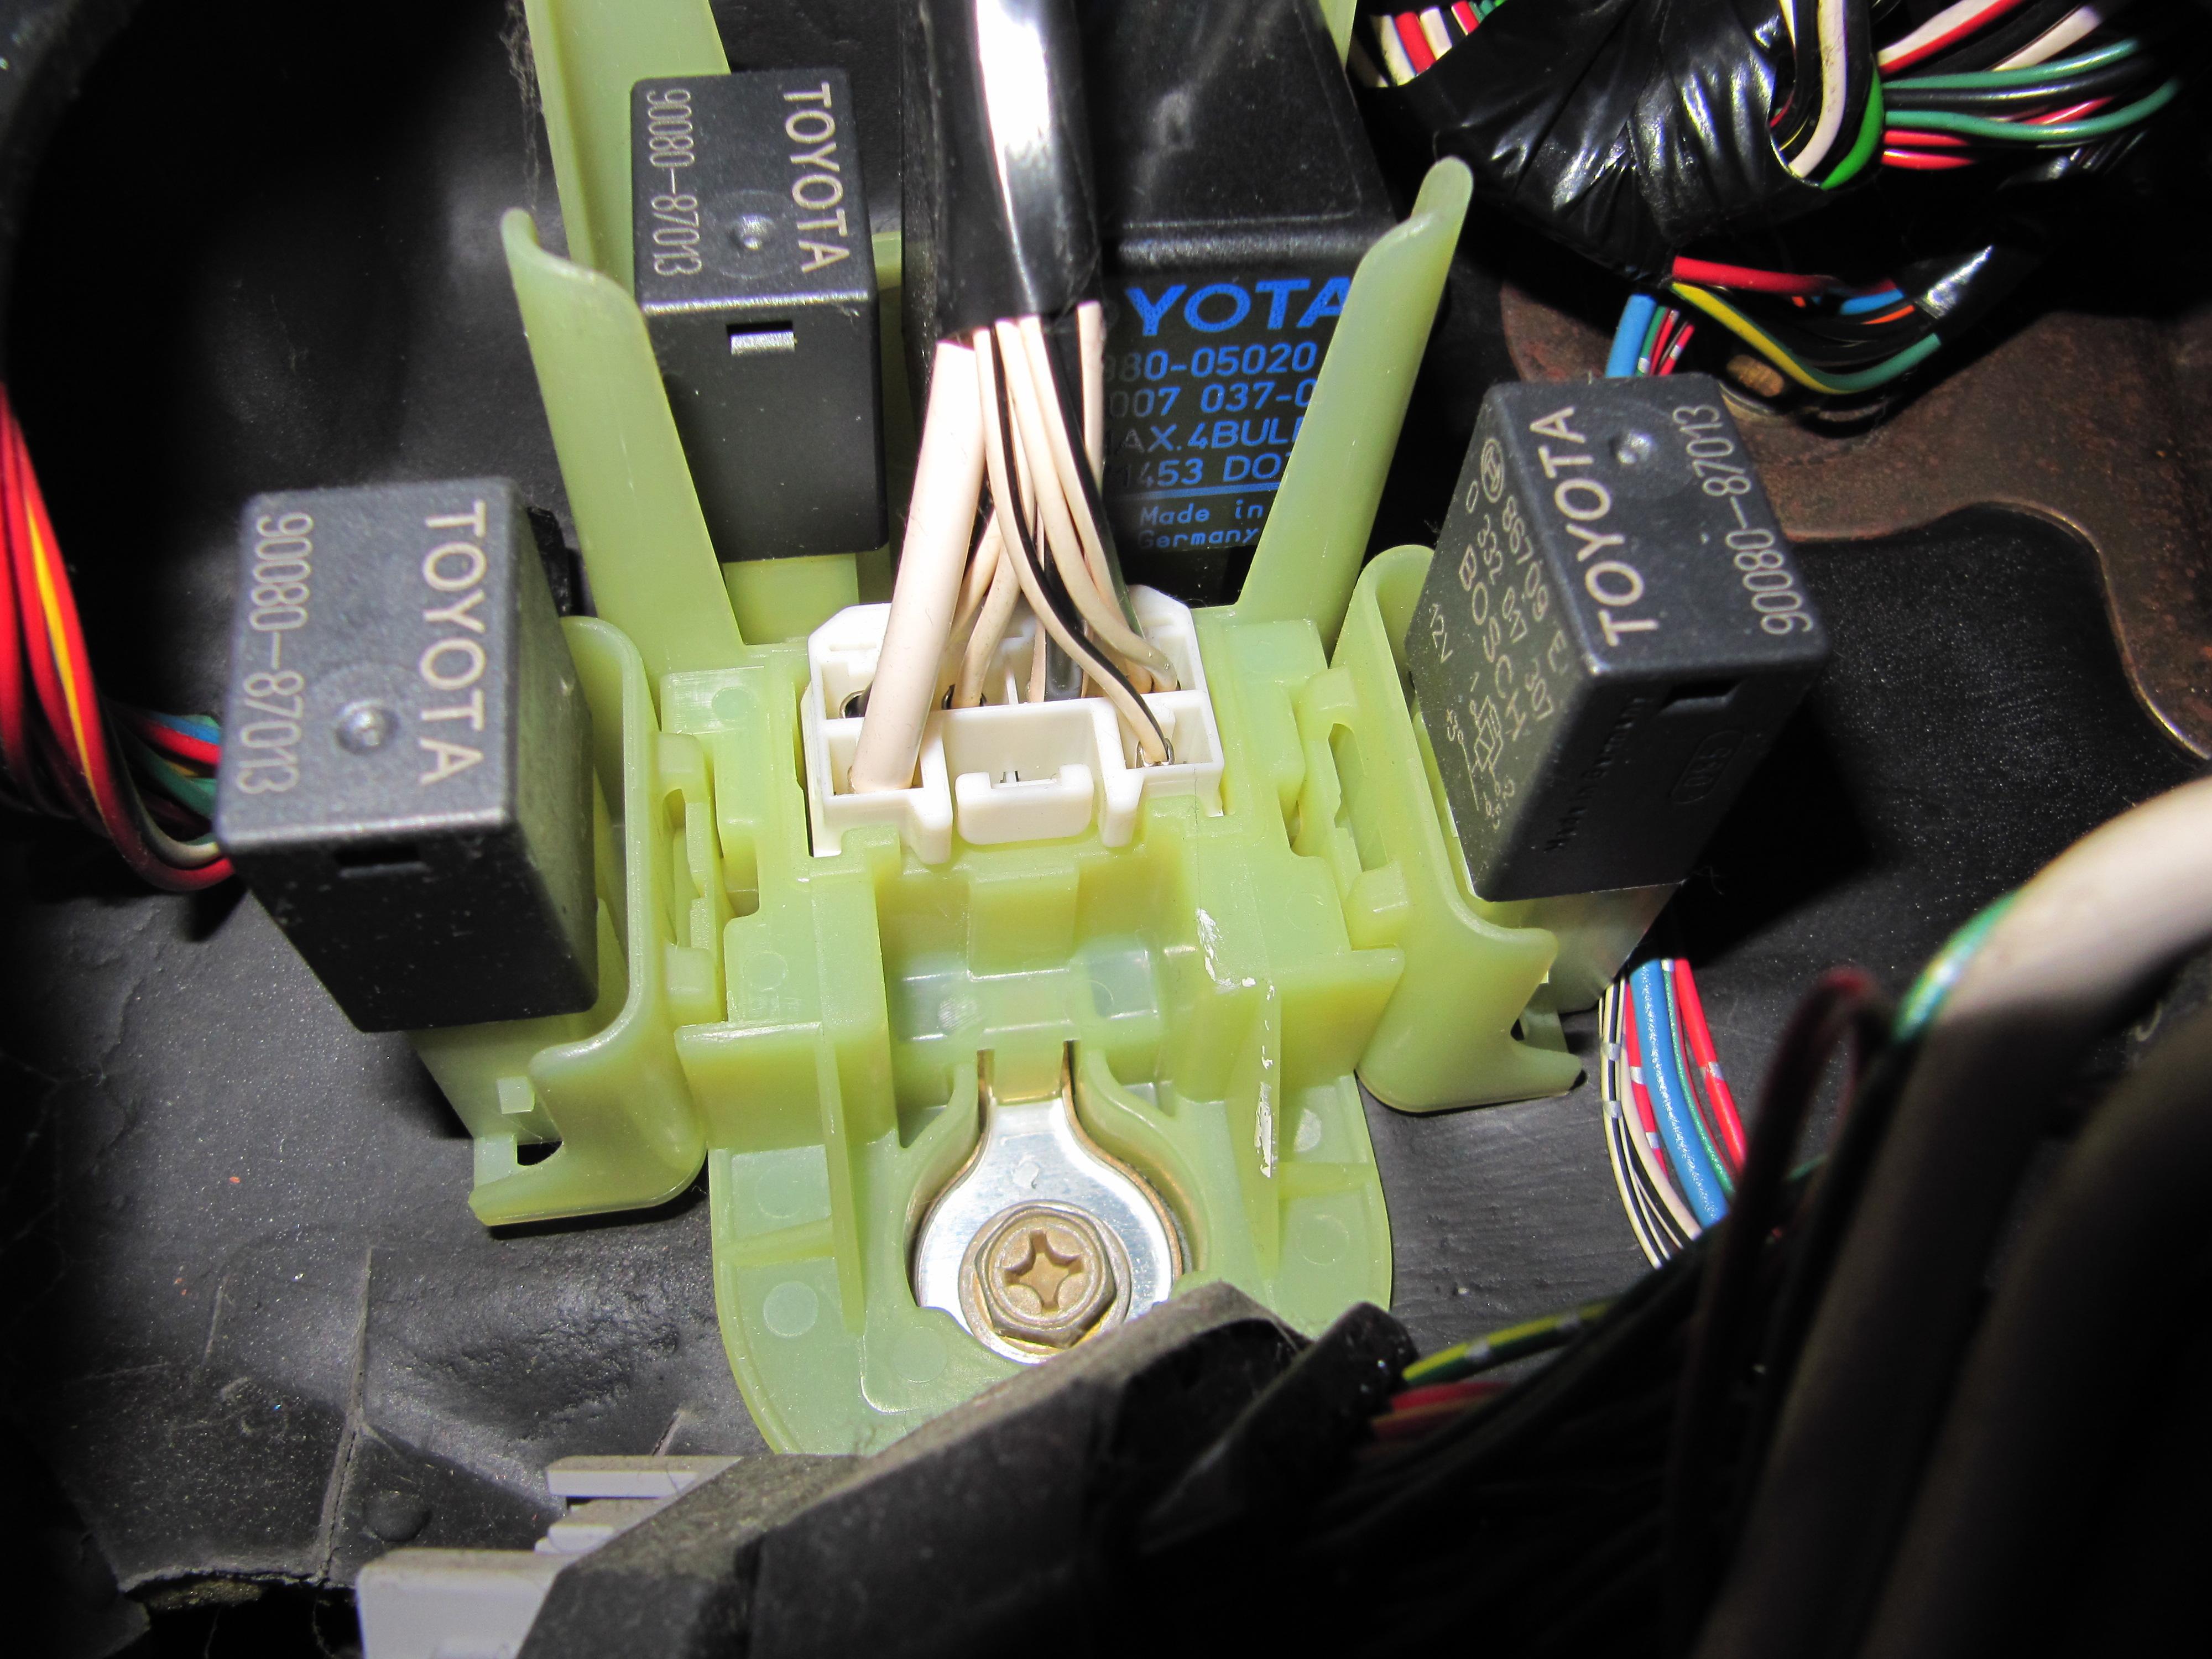 Mk 1 Rear Fog Light Problem - Avensis Club - Toyota Owners Club